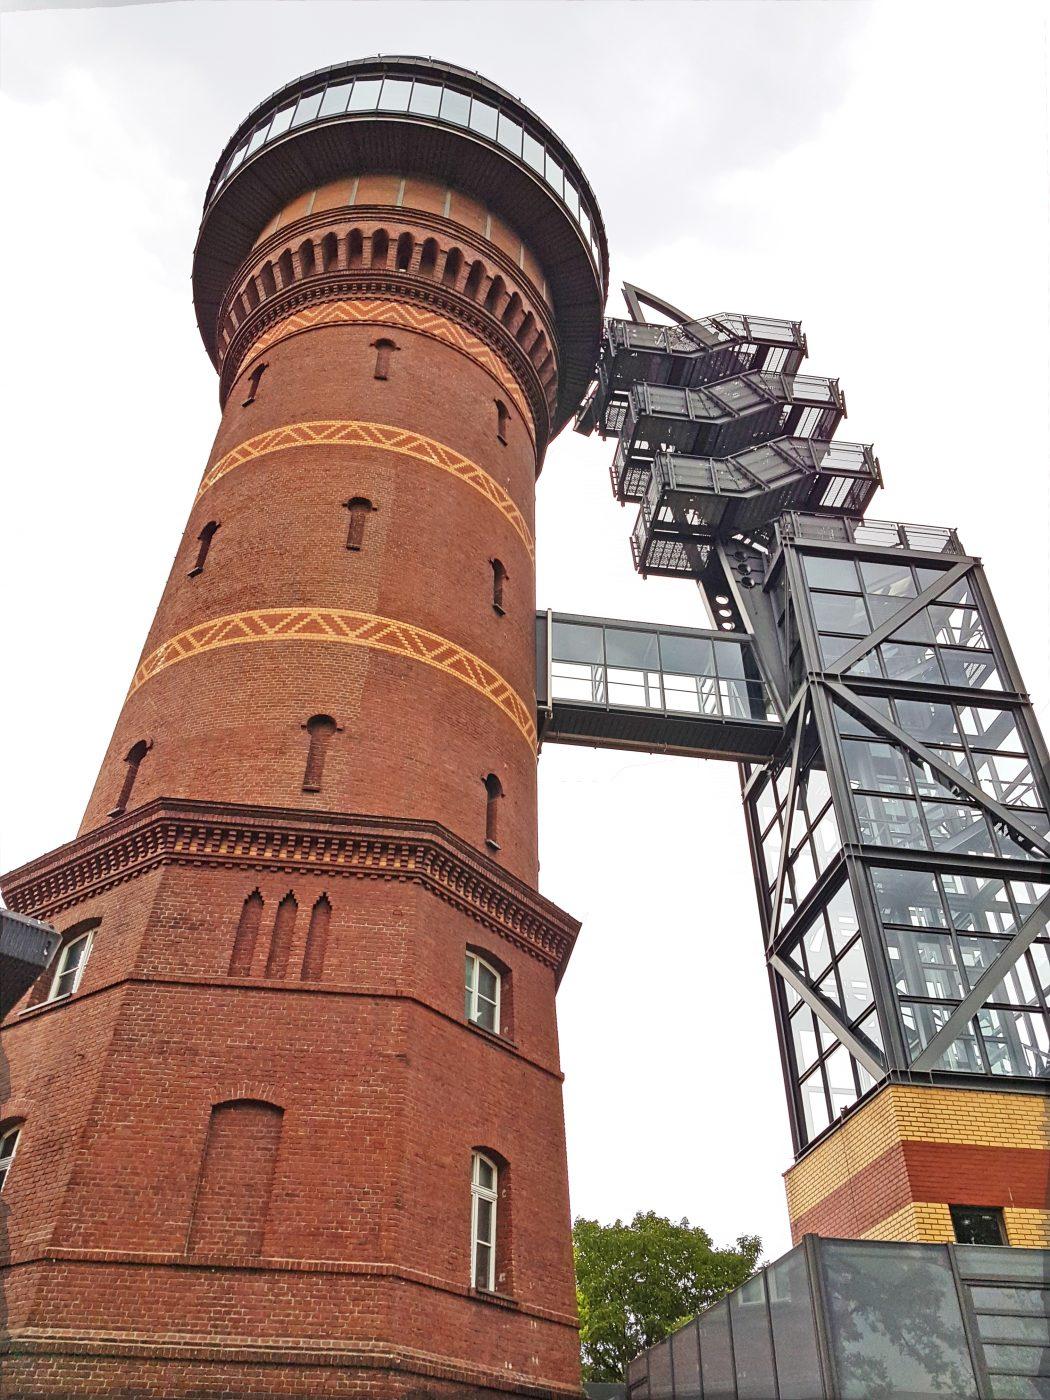 Das Bild zeigt das Aquarius Wassermuseum in Mülheim an der Ruhr